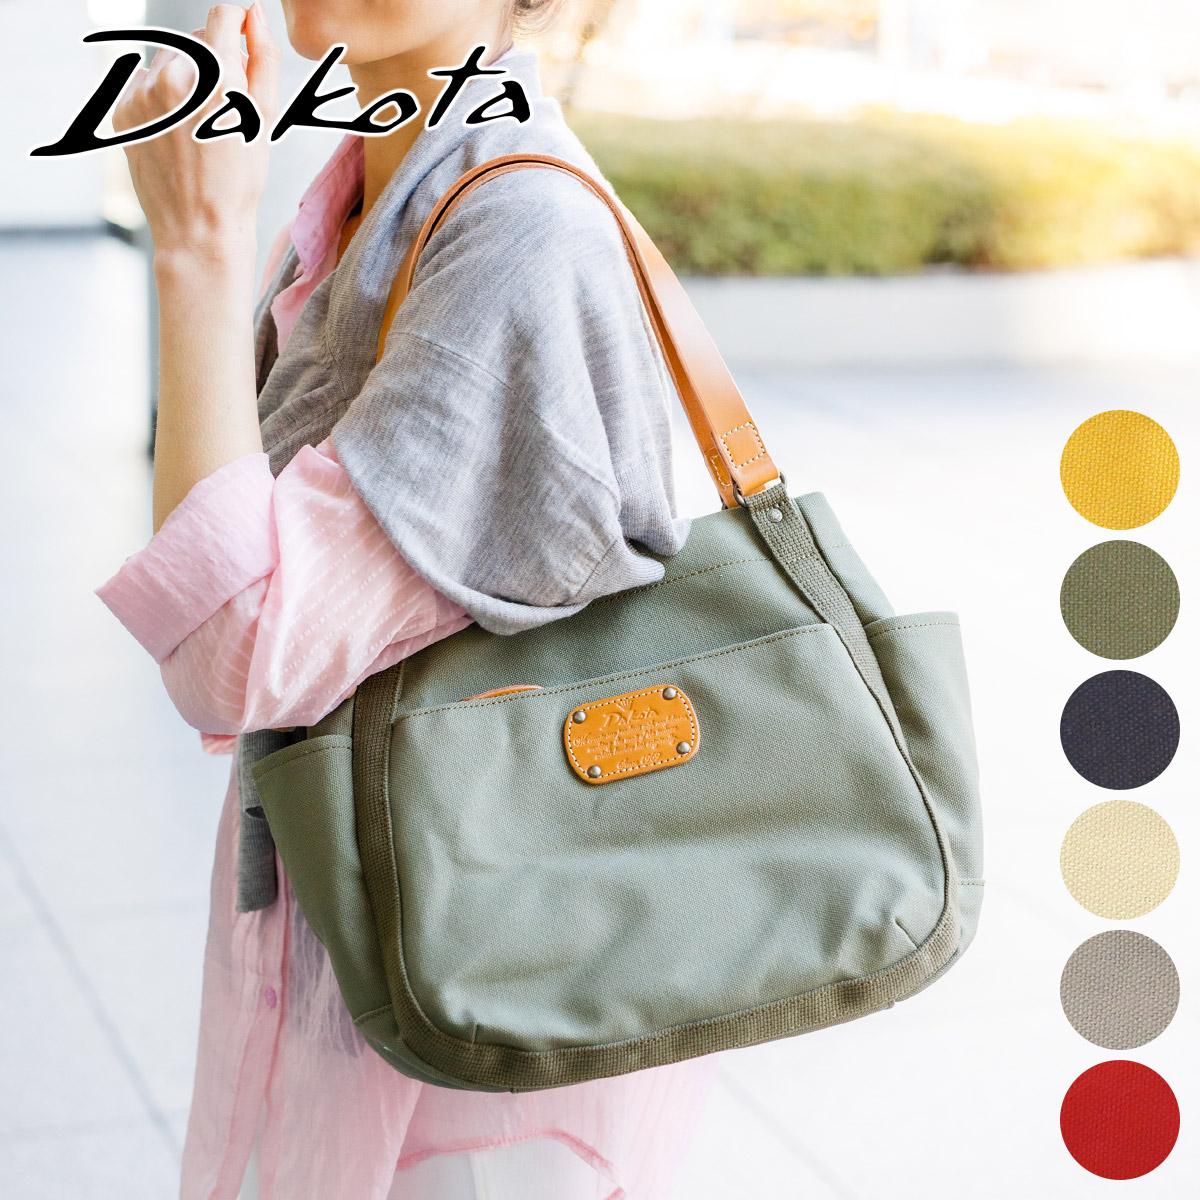 【4/9迄★ケアセット+Wプレゼント付】 Dakota ダコタ バッグピット トートバッグ 1531080レディース バッグ カジュアルトート 日本製 ギフト かわいい おしゃれ プレゼント